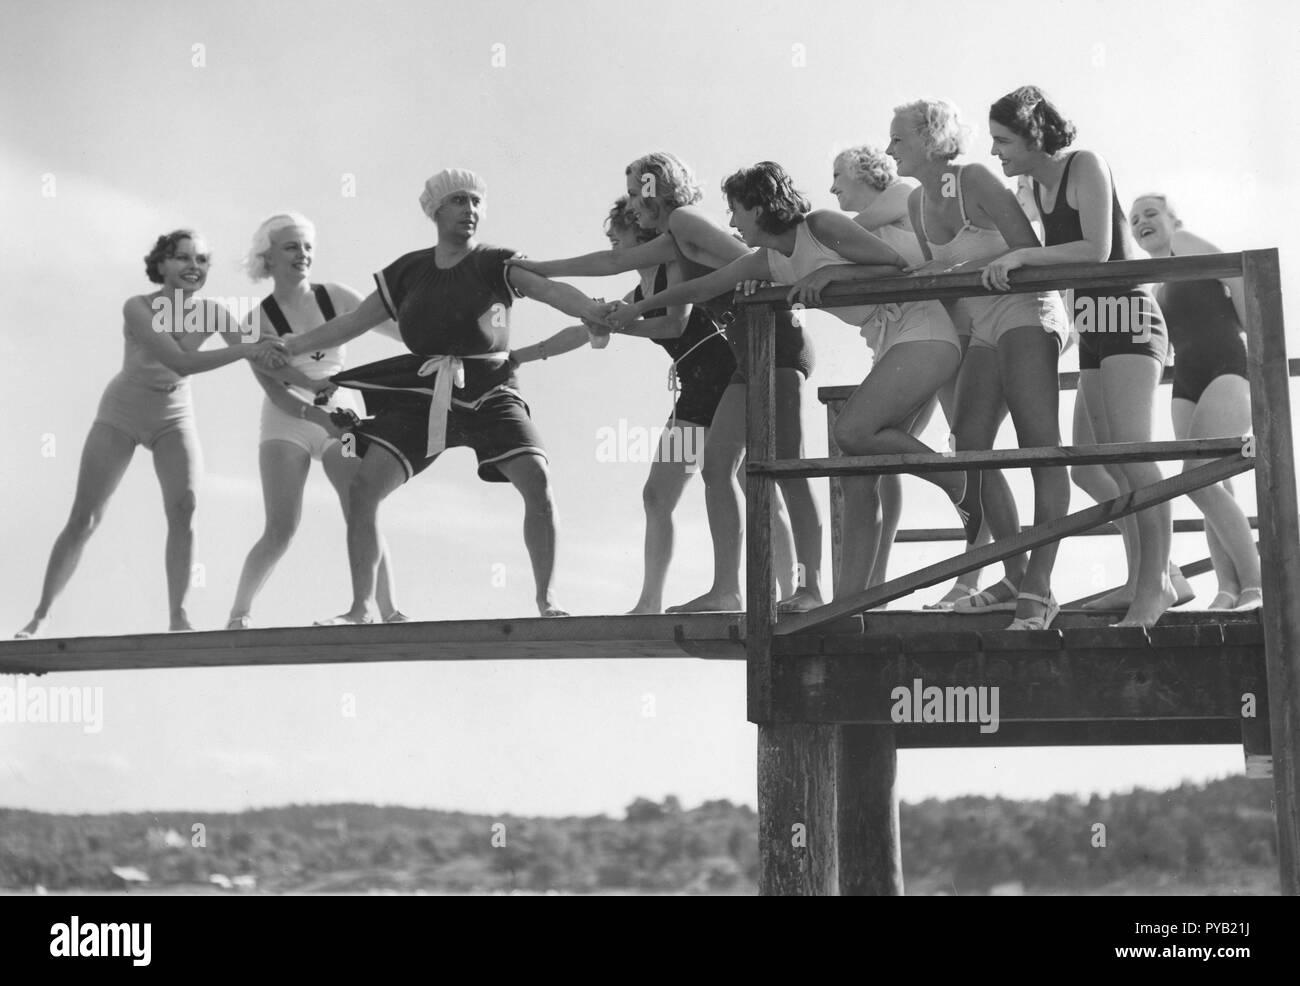 Spaß in den 1930er Jahren. Schauspieler Nils Ericson ein wenig in einer Situation, von der beide Seiten zerrissen wird. Die Frauen tragen Badeanzüge und er sieht so aus, als wenn er auf eine ungerade Design. An einem filmset von Unbekannten schwedischen Film aus den 1930er Jahren. Stockbild